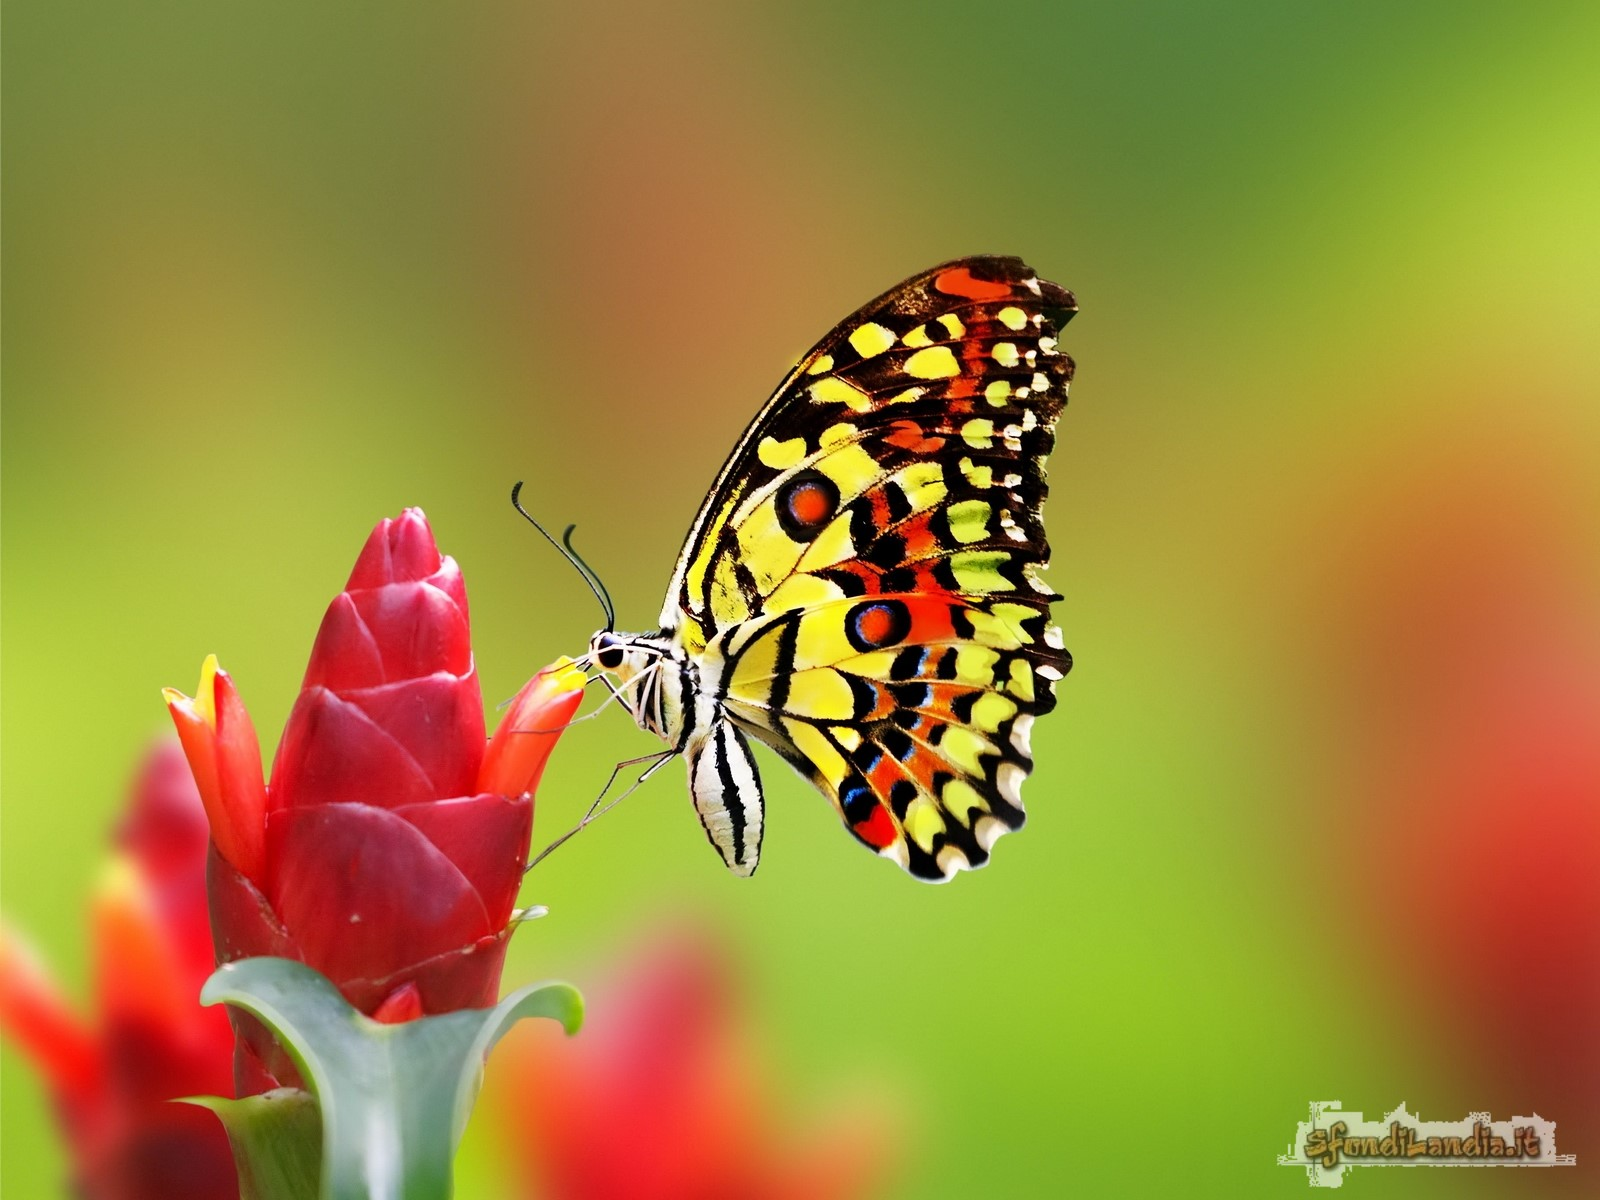 Sfondo gratis di farfalla sul fiore per for Immagini farfalle per desktop